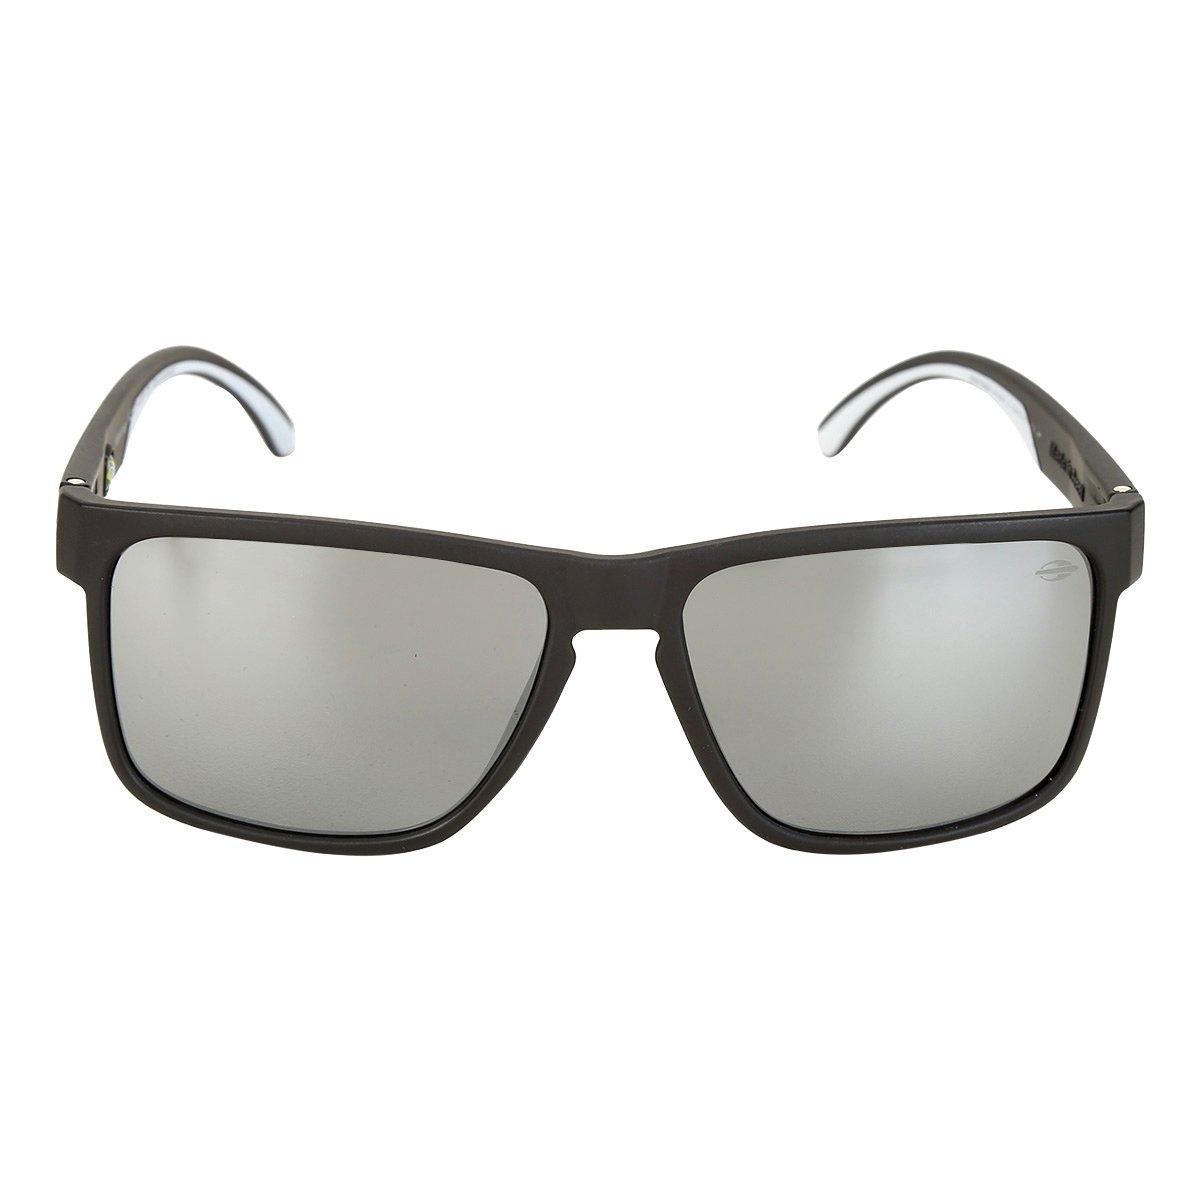 Óculos de Sol Mormaii Monterey Fosco Masculino - Preto - Compre ... 61b2f4db59